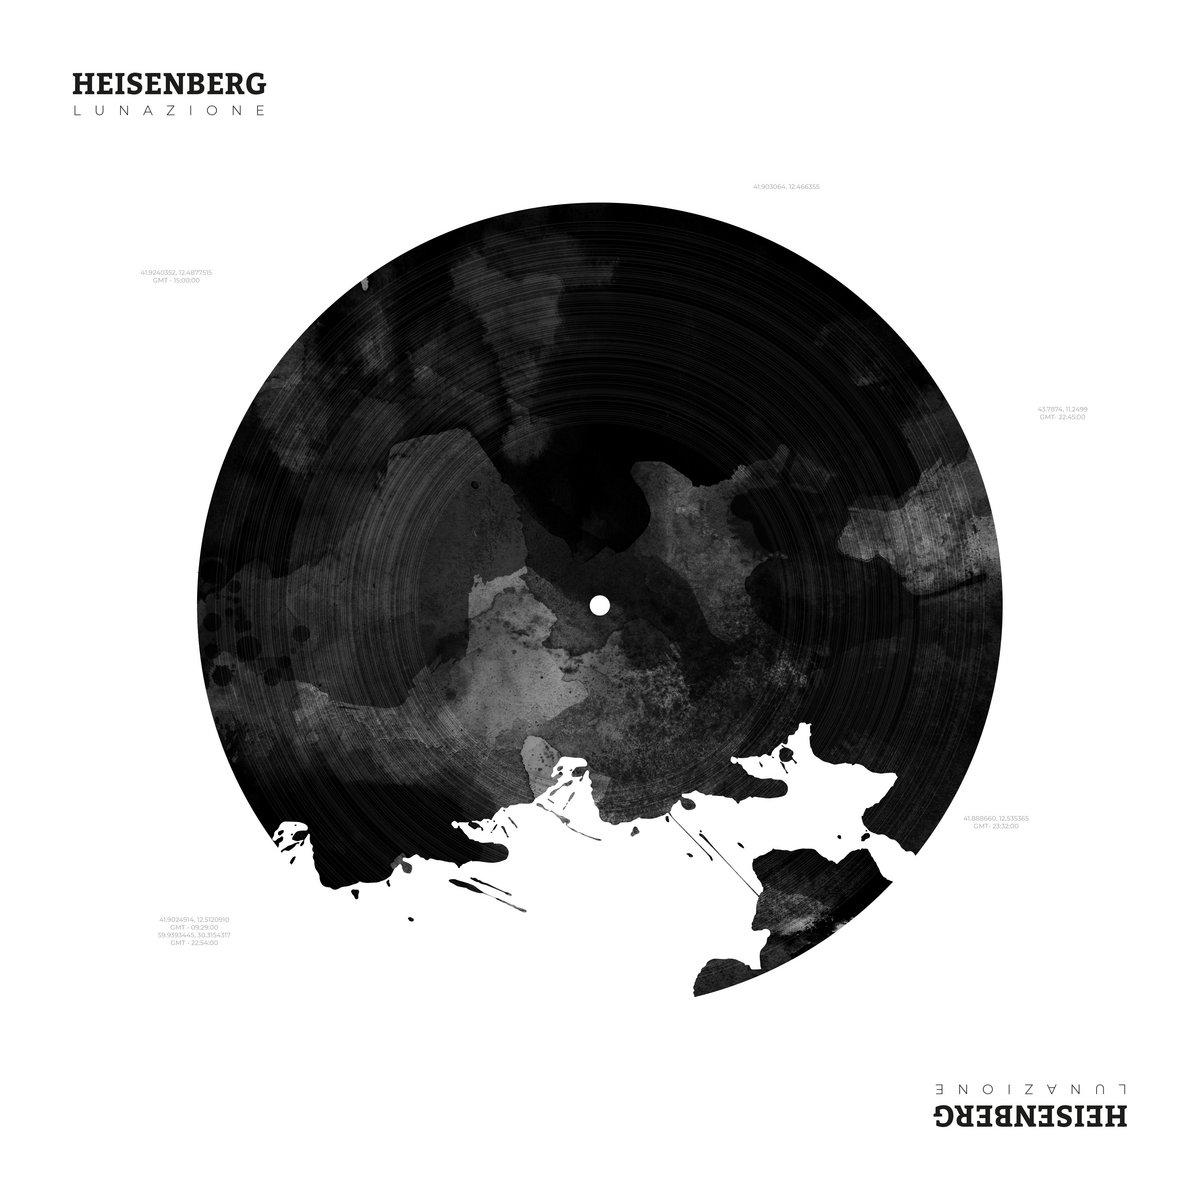 Heisenberg - Lunazione (vinile nero trasparente)